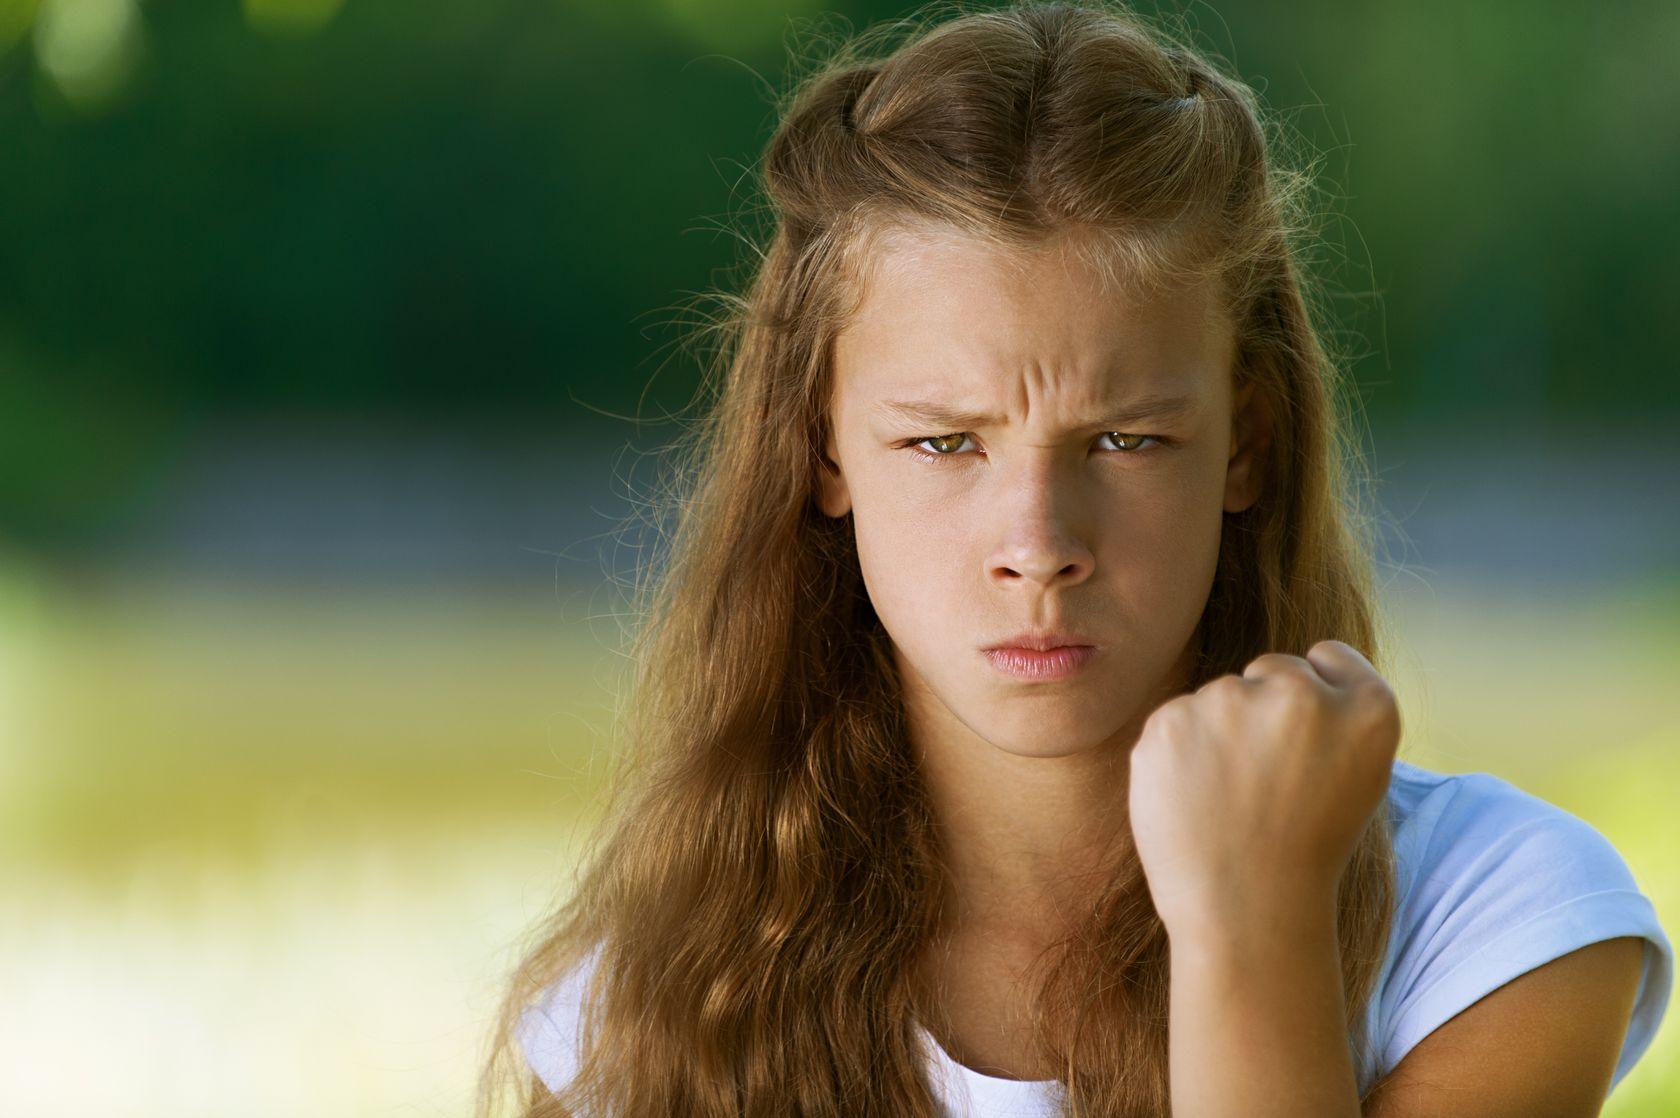 Фистинг юные девочки 11 фотография